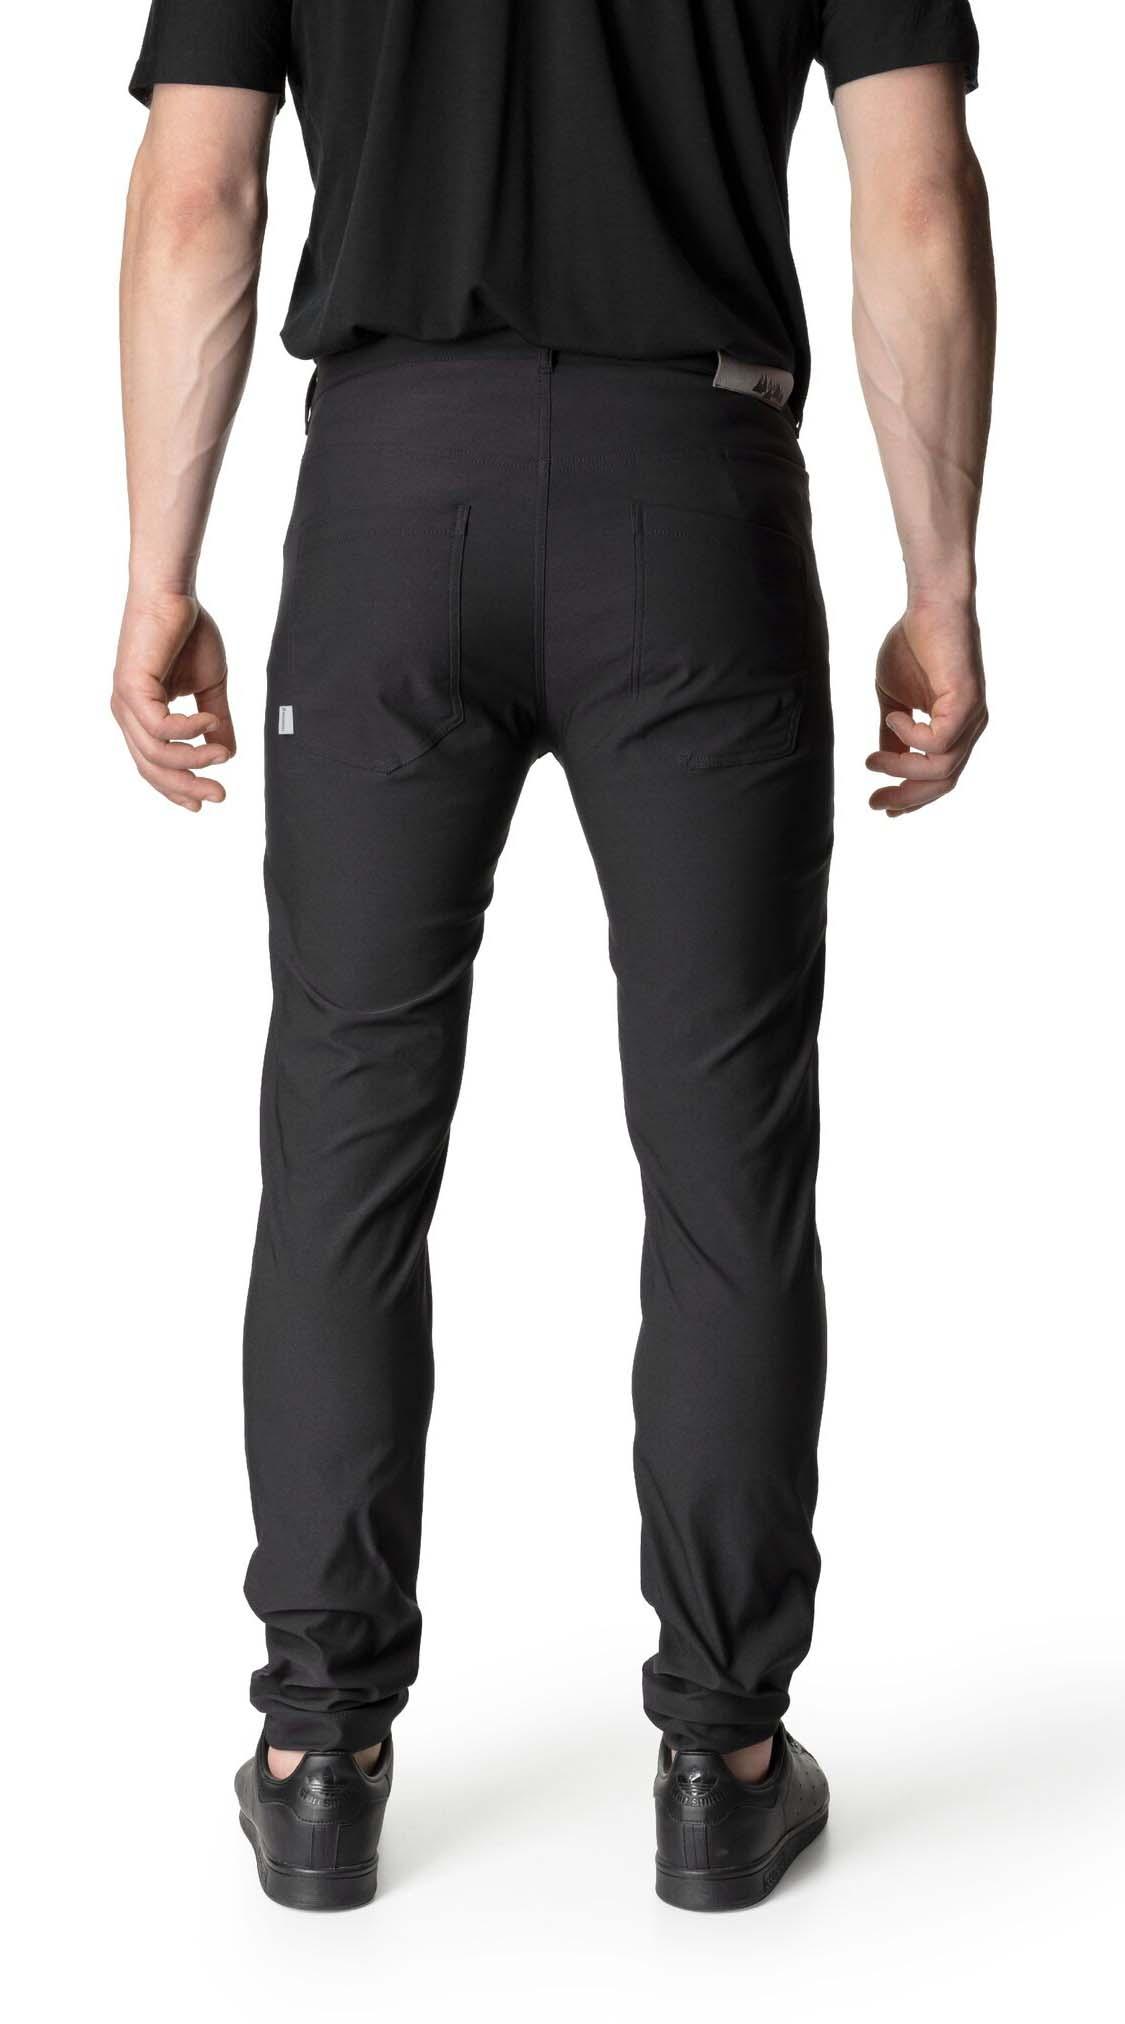 Way To Go Pants Men